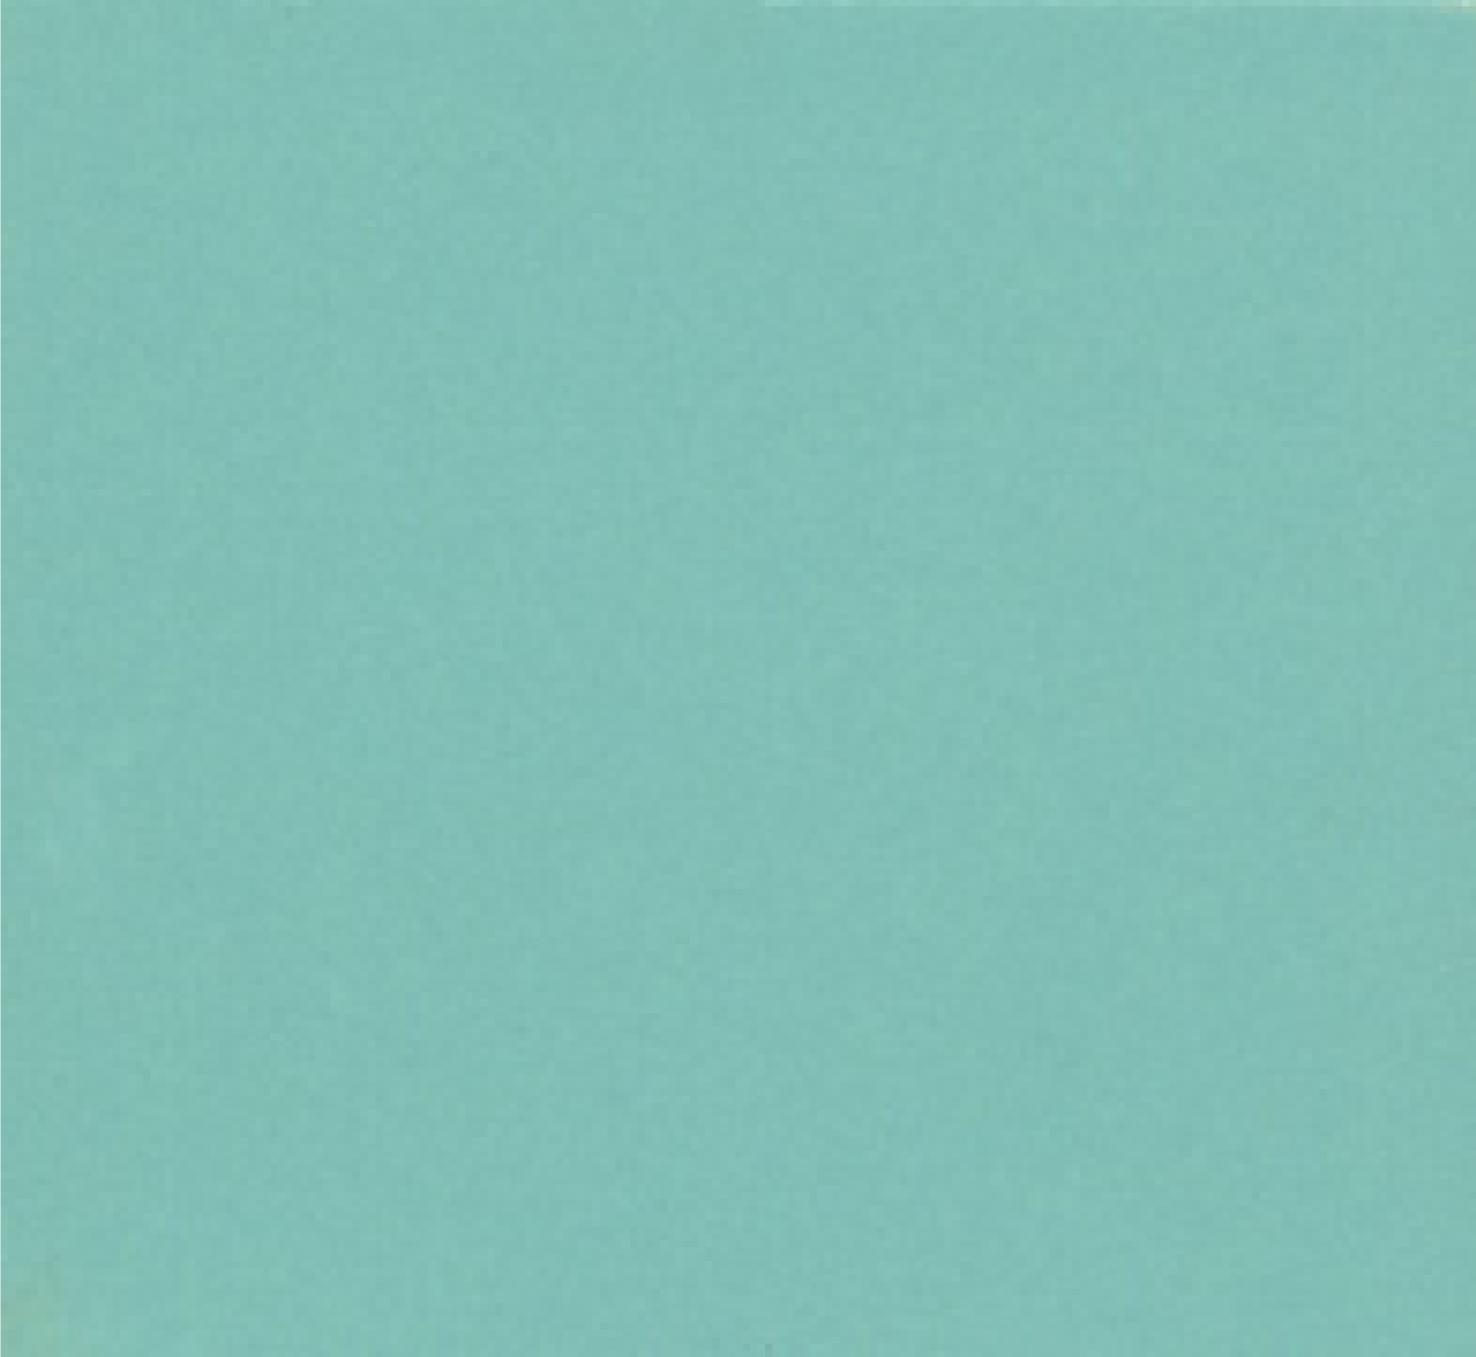 Simplicity Aqua 621